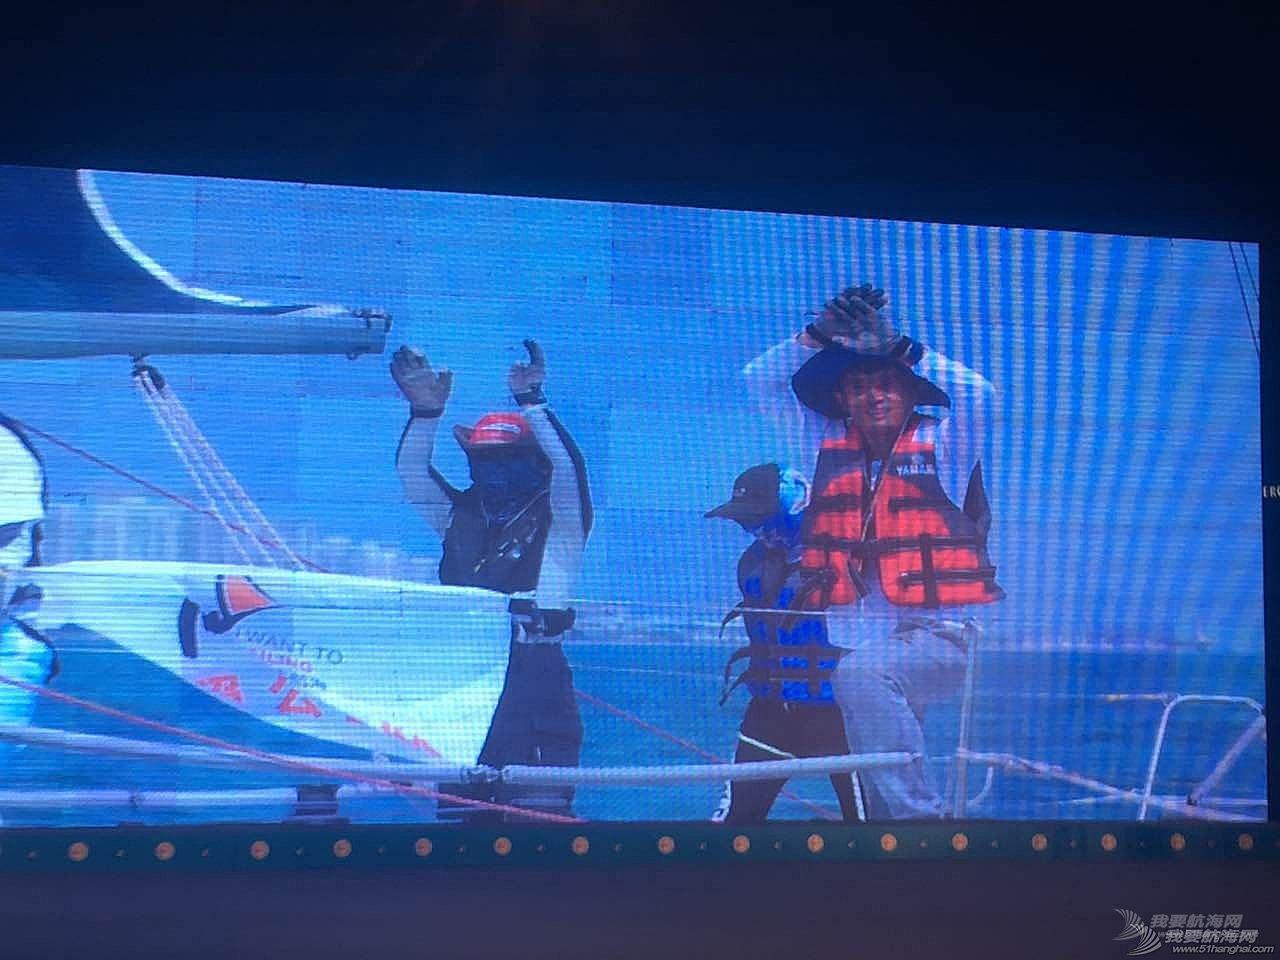 """小伙伴,青岛,国际 千年修得同船赛-记2016年青岛""""市长杯""""国际帆船赛的小伙伴们"""